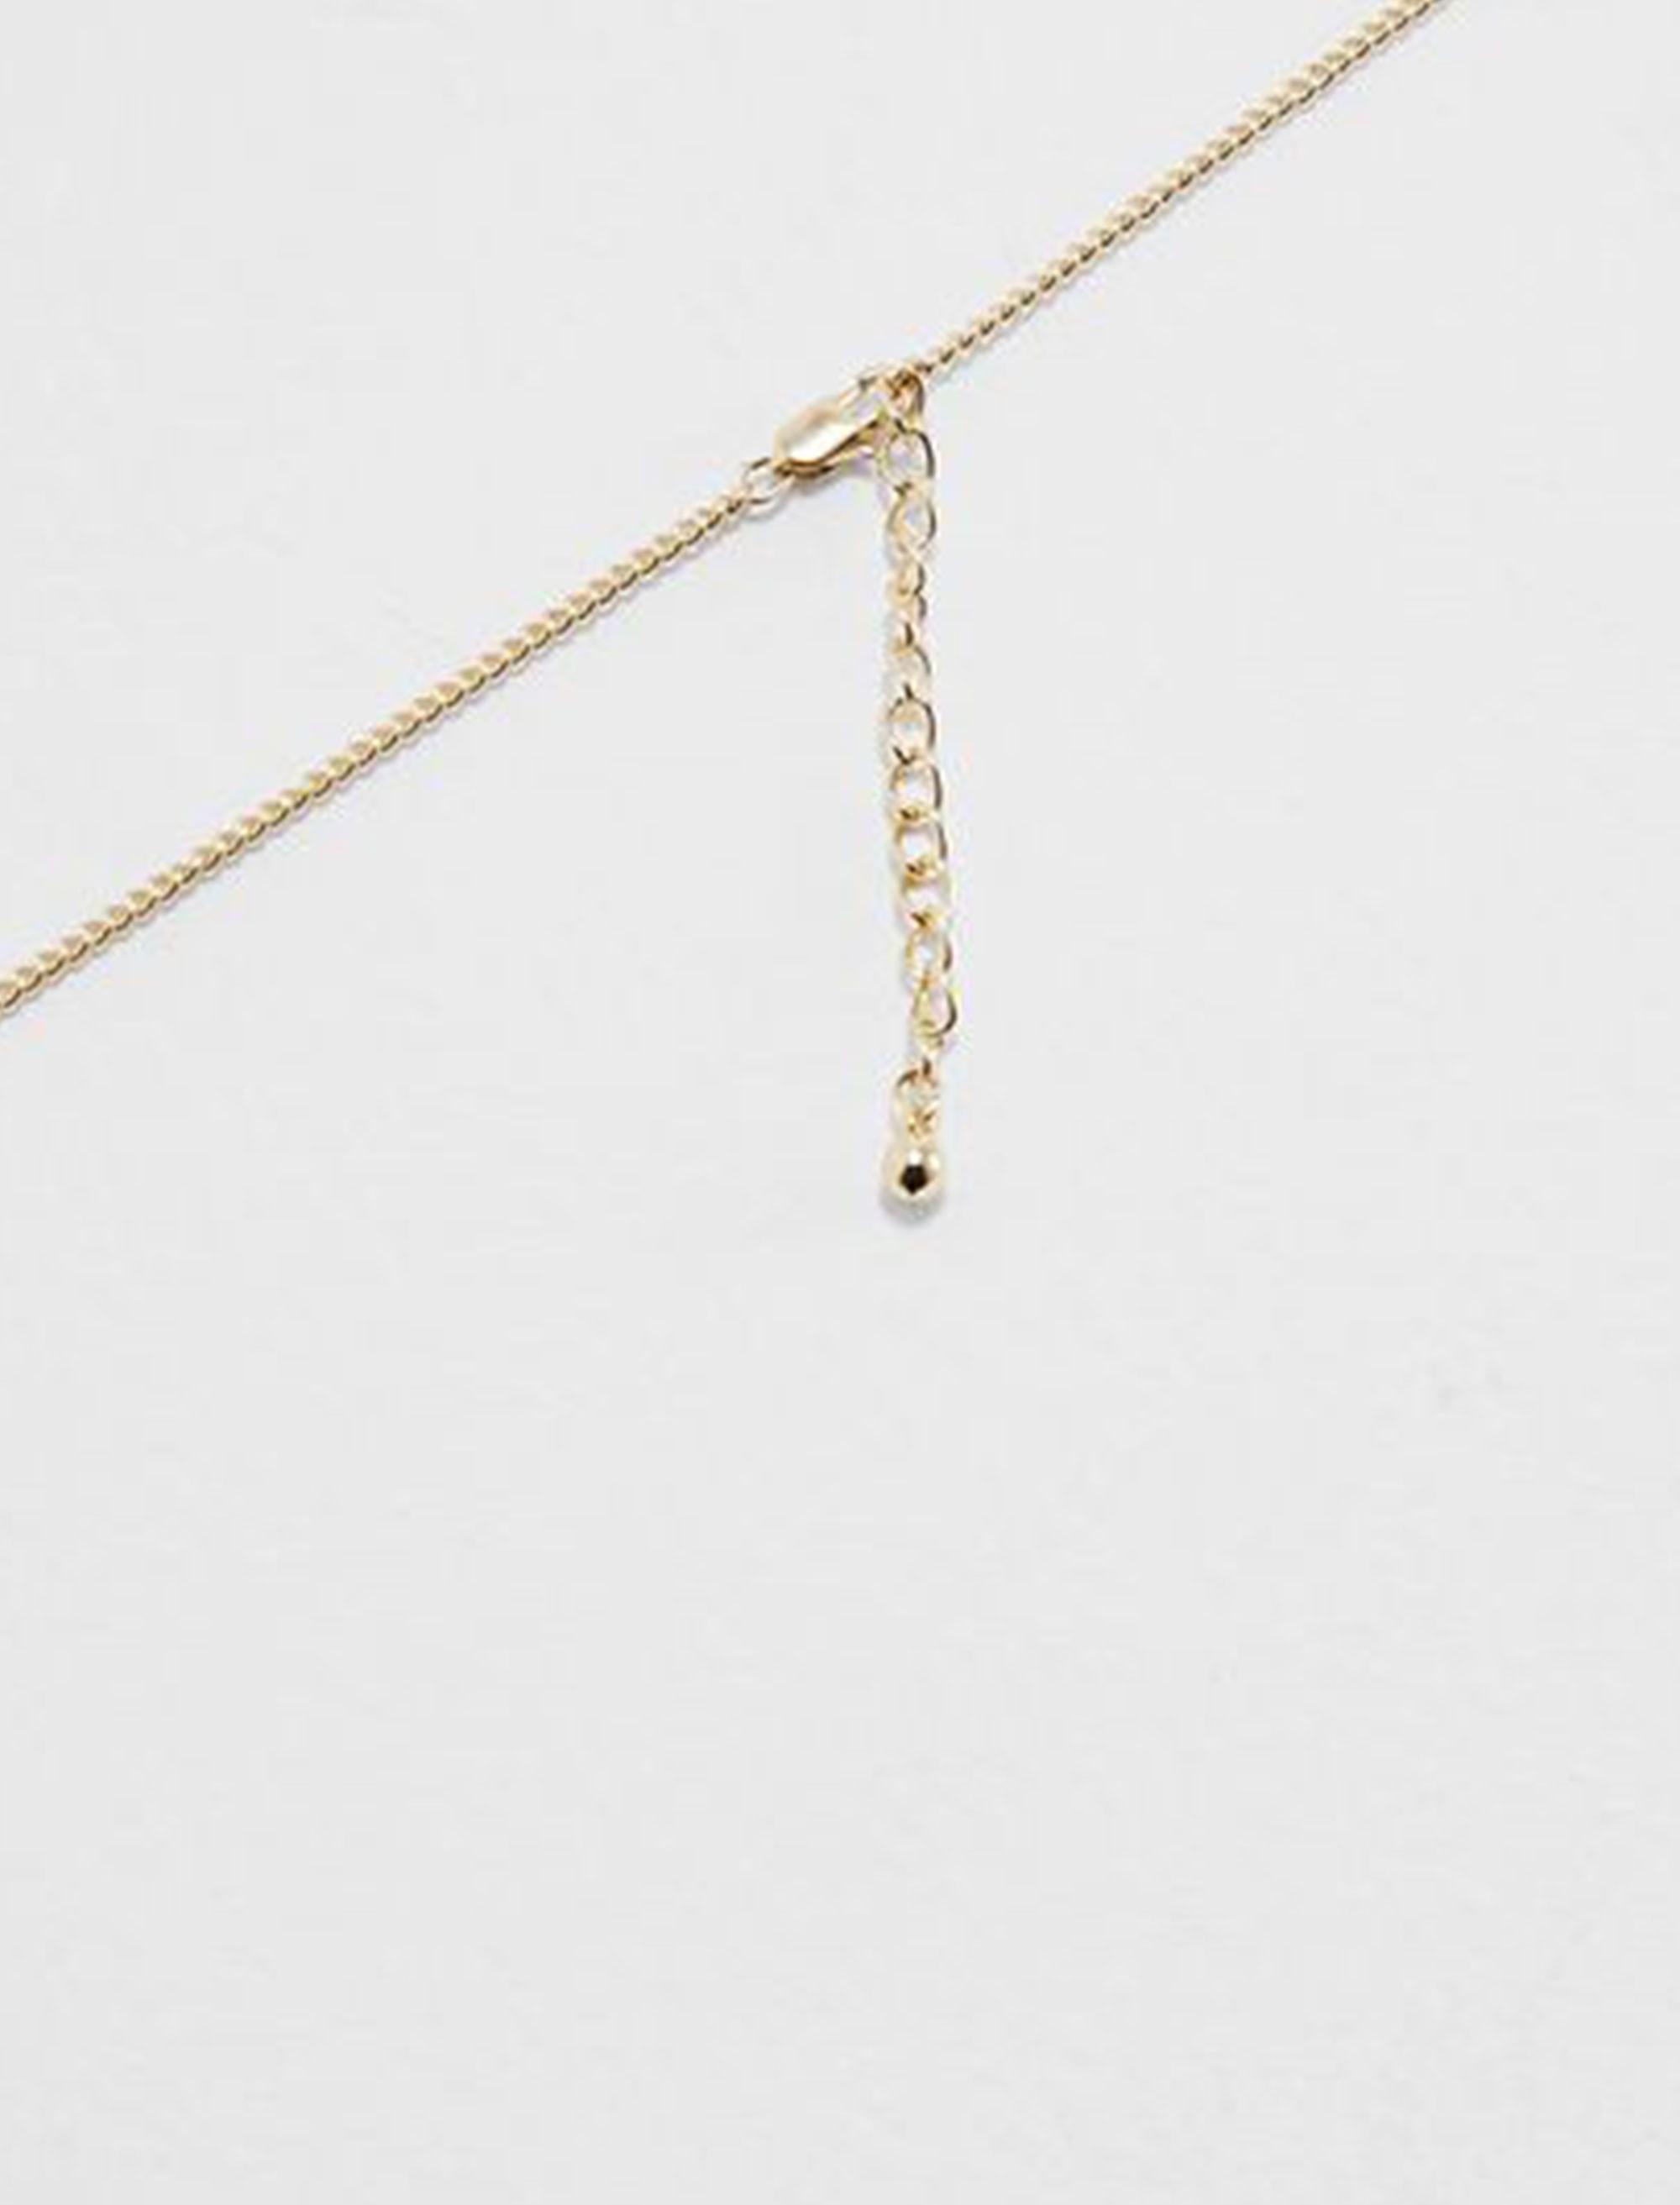 گردبند زنجیری زنانه - پی سز - طلايي - 4